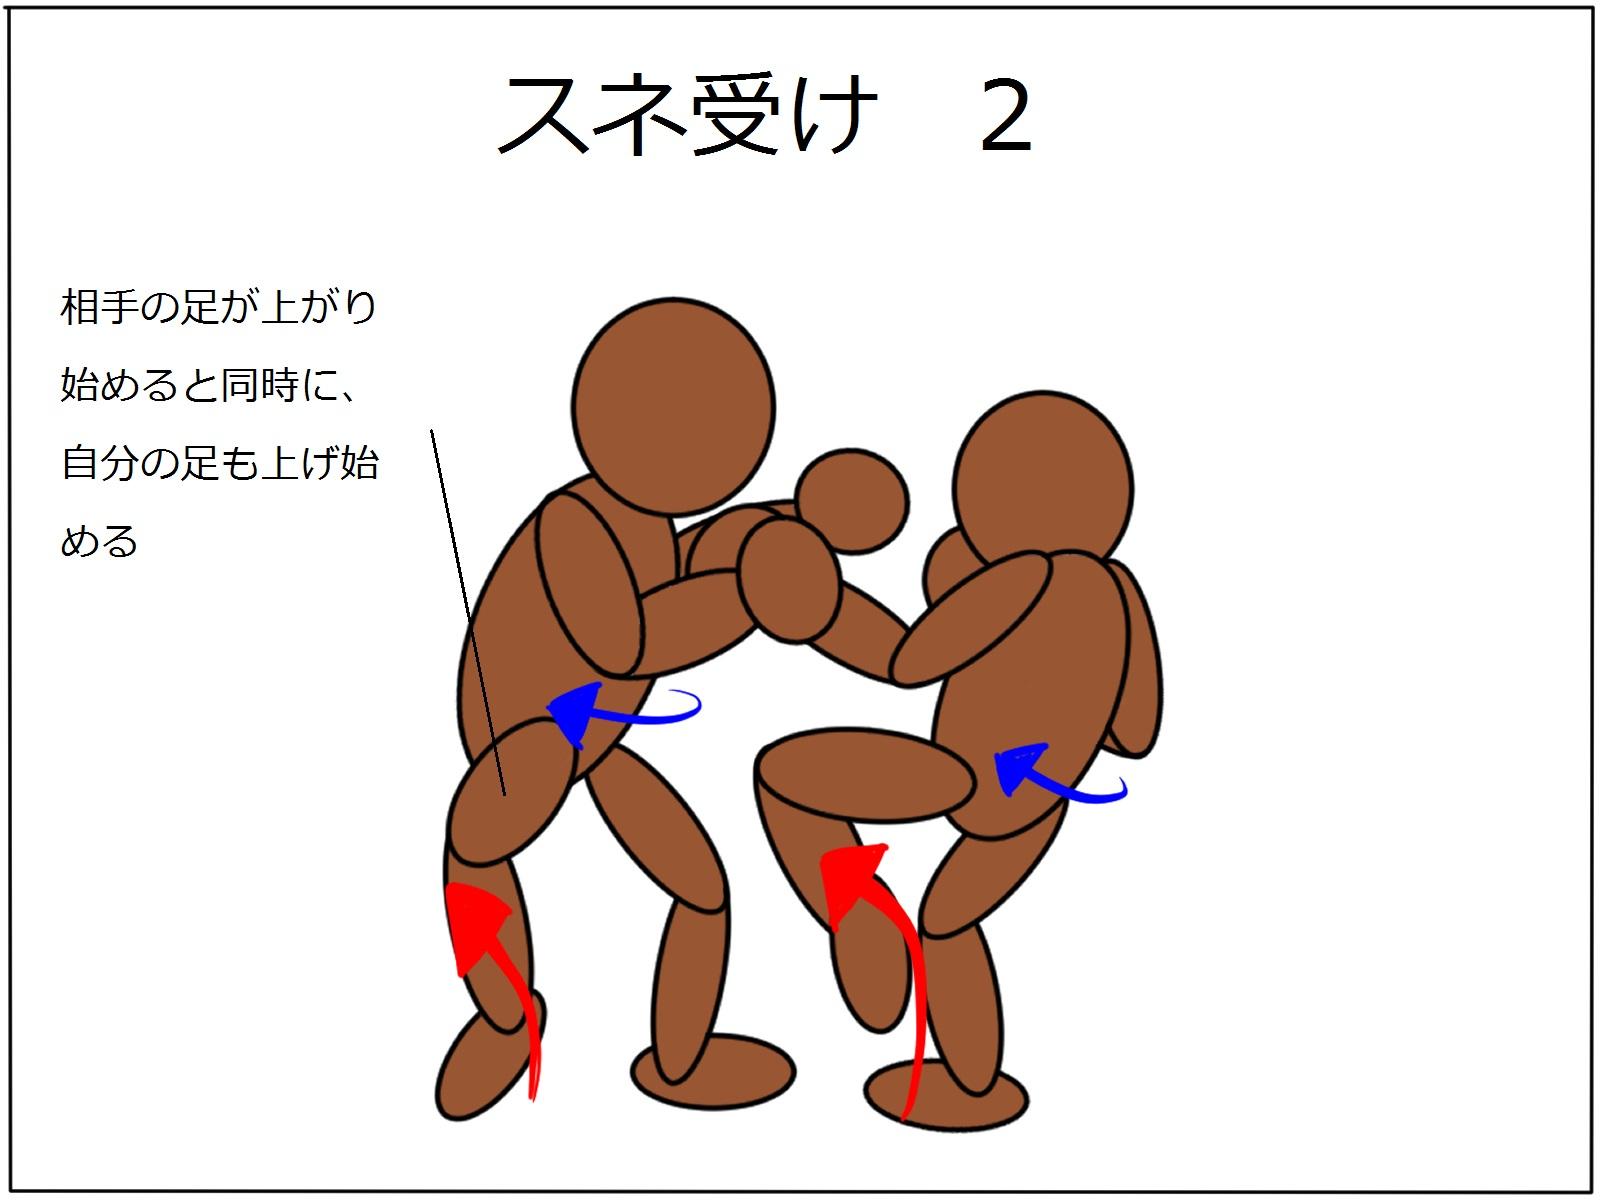 極真空手|【基本】下段蹴りに対するスネ受け方法を解説します